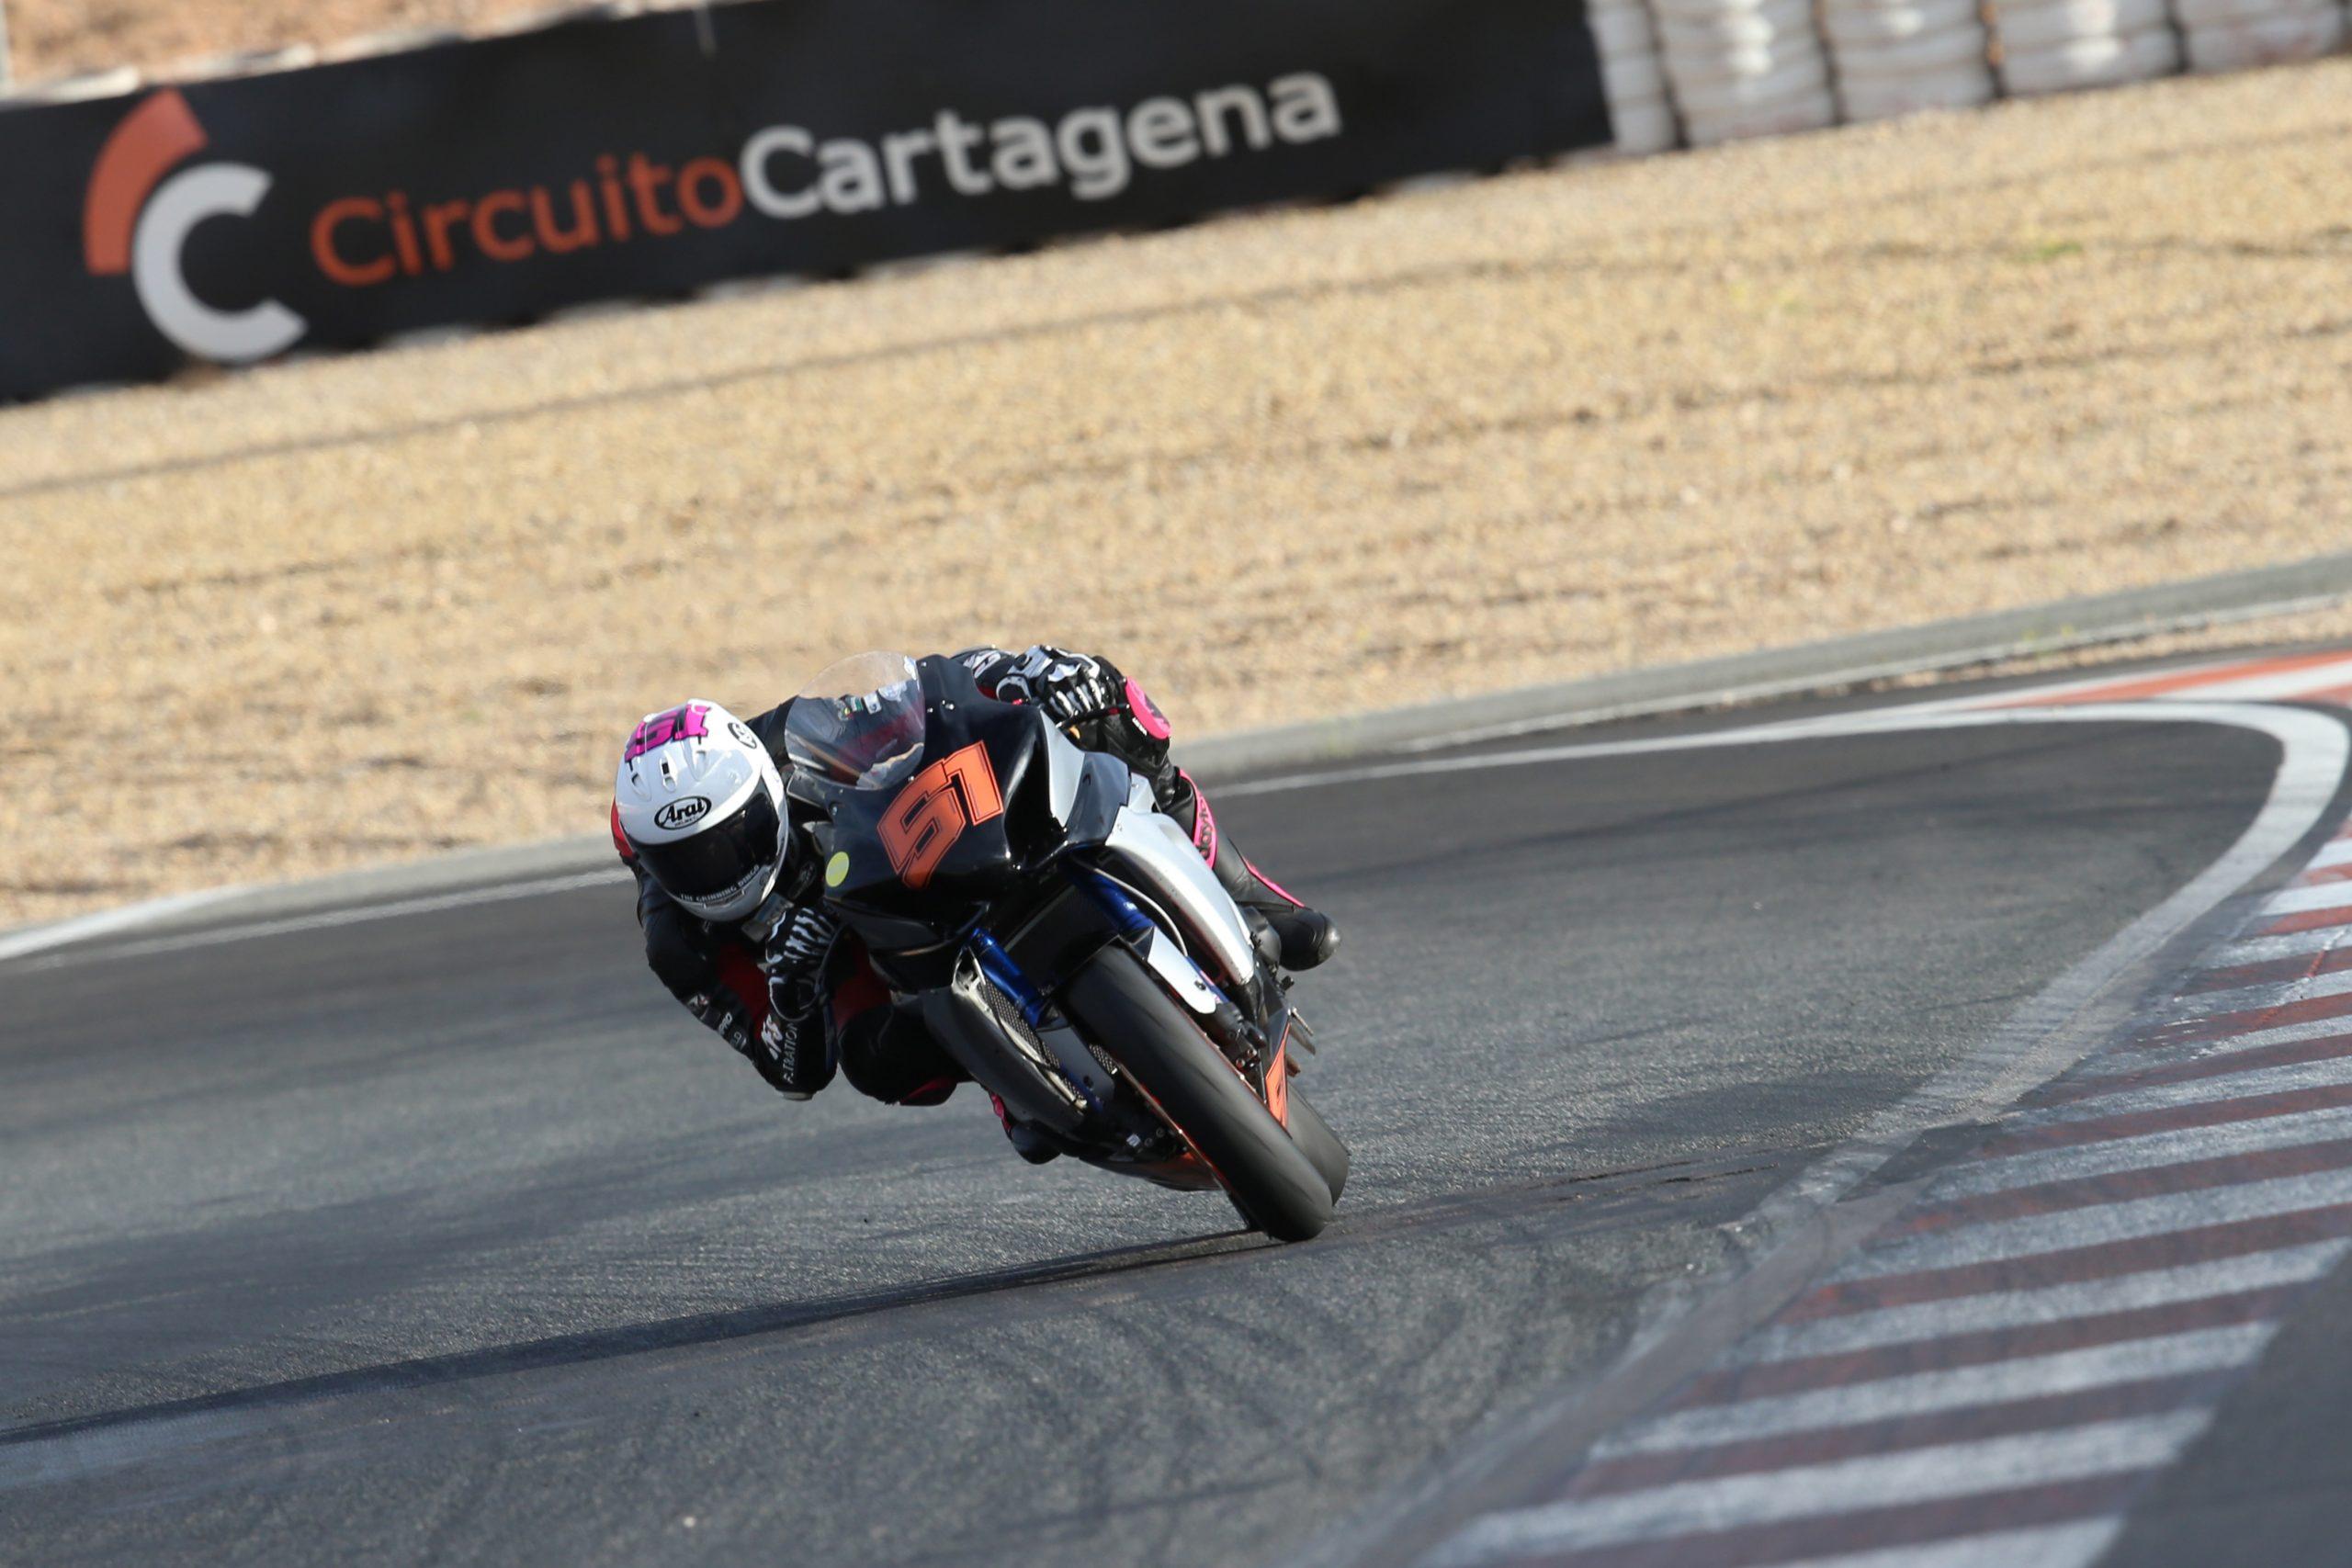 Moto TP Cartagena 2020 Brayden Elliott 105